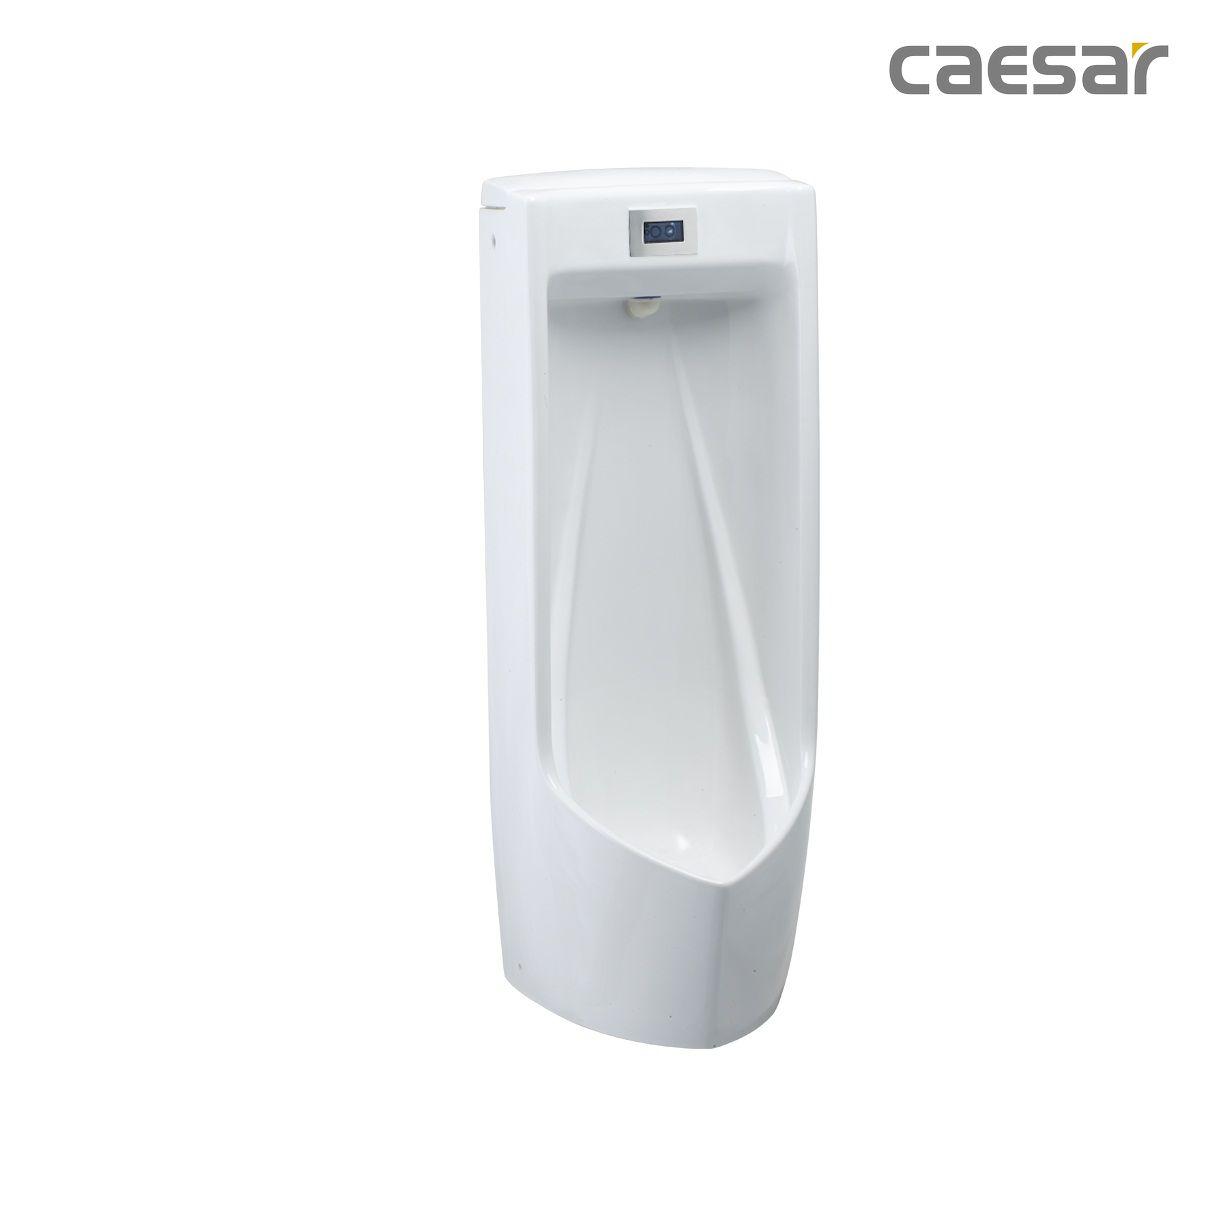 bon-tieu-caesar-ua0284